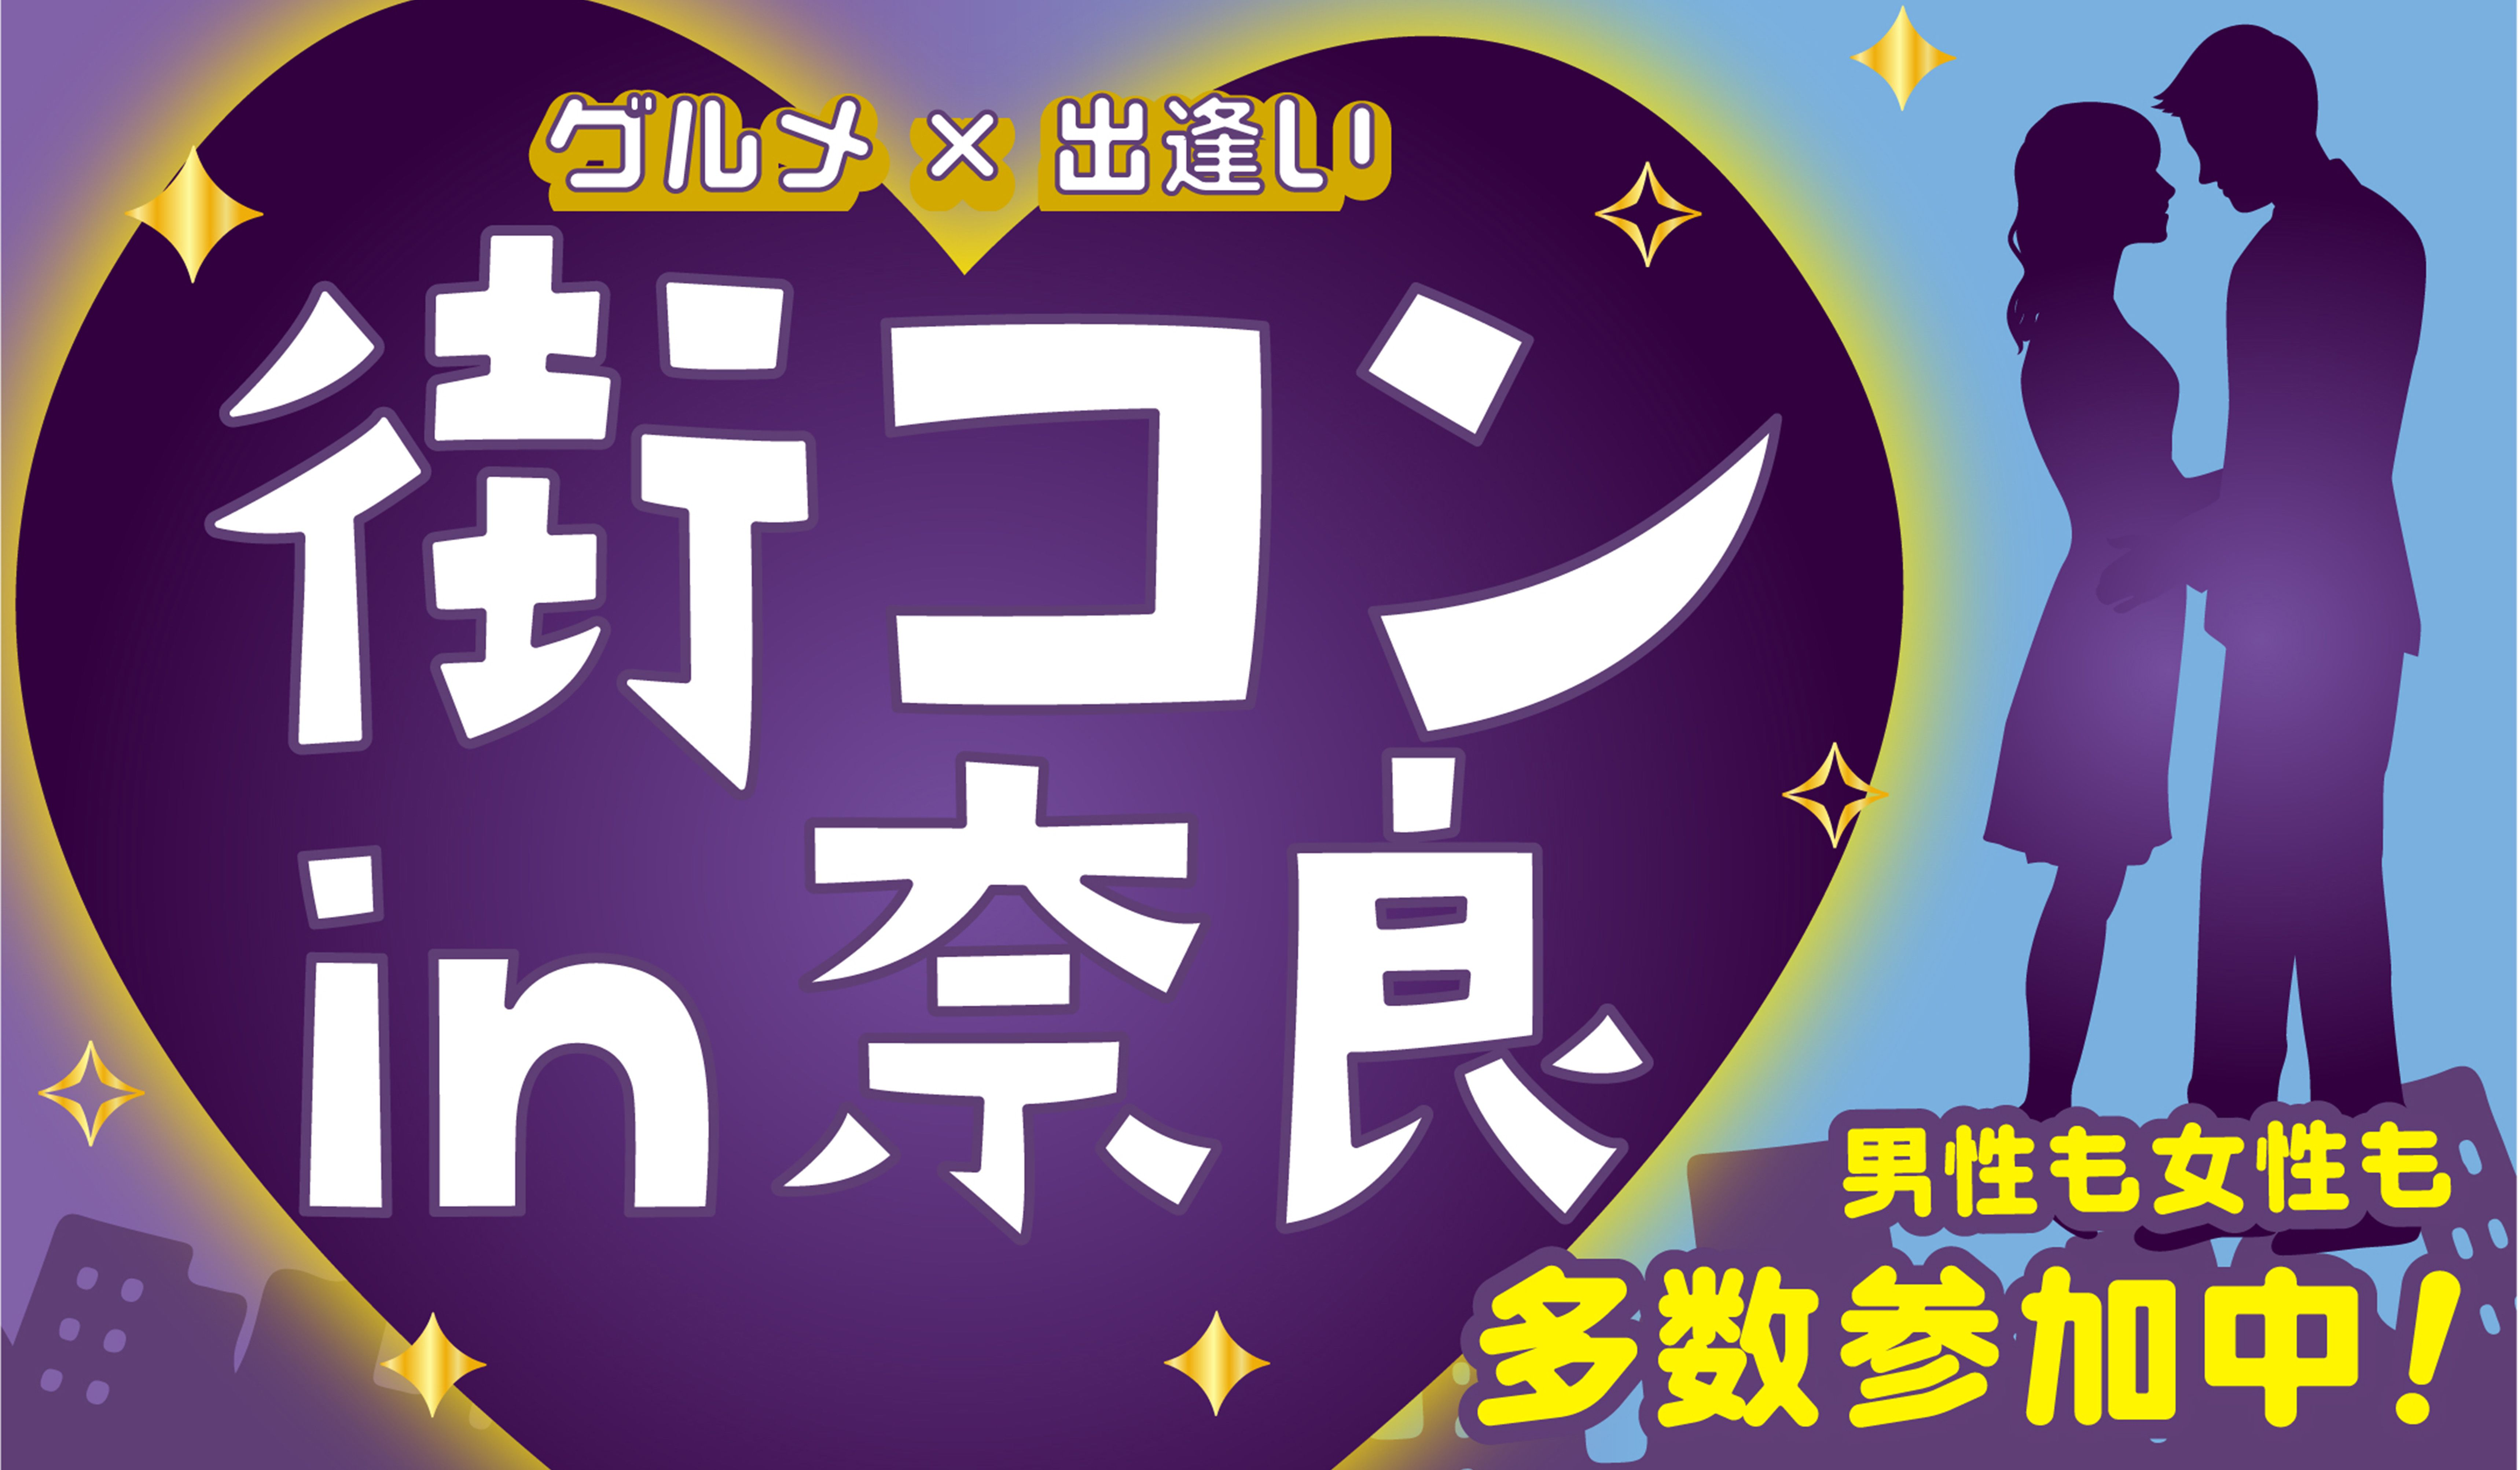 【奈良県その他の街コン】株式会社SSB主催 2015年6月7日